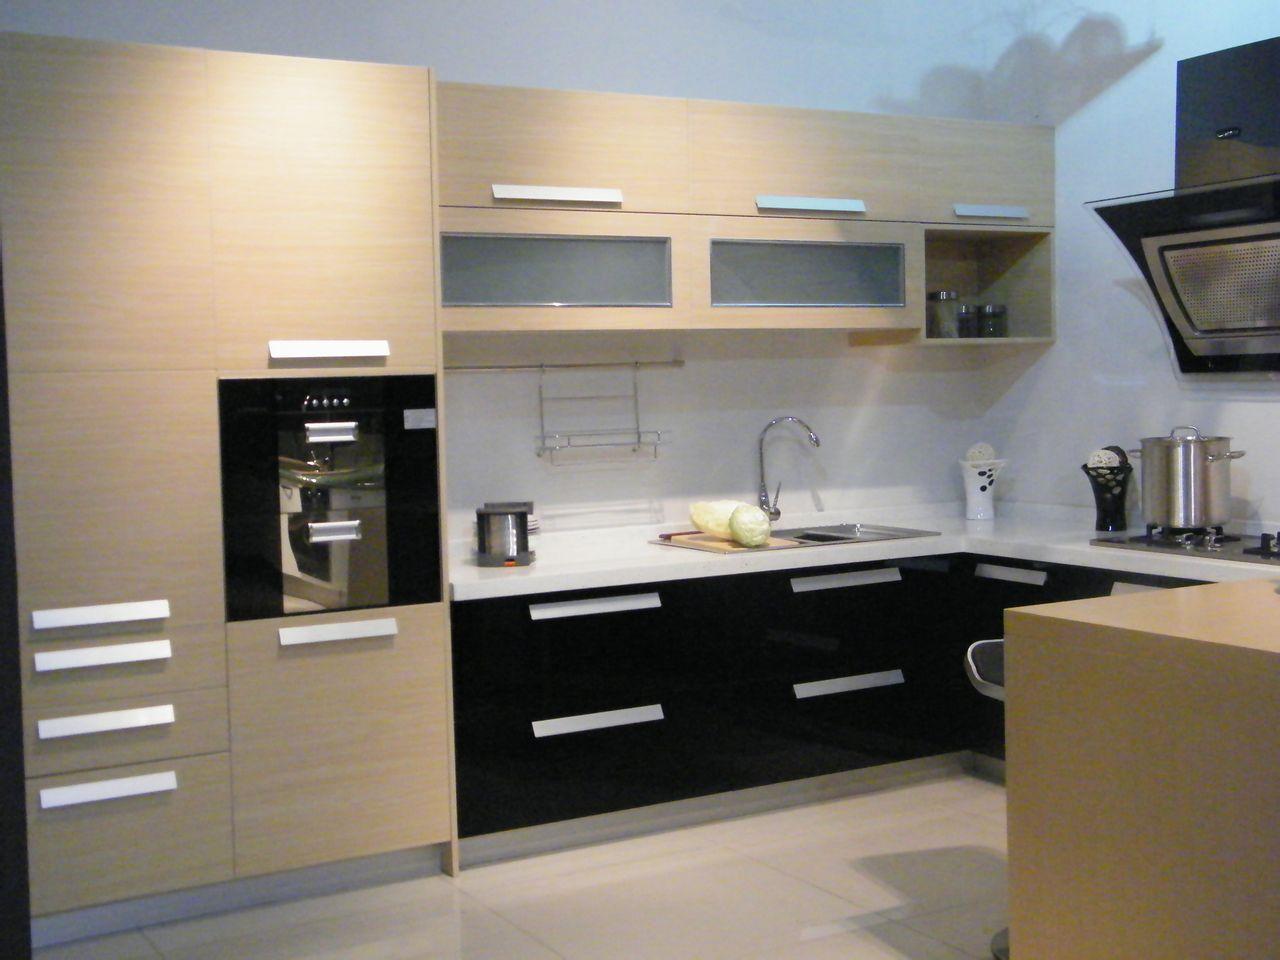 橱柜 厨房 家居 设计 装修 1280_960图片